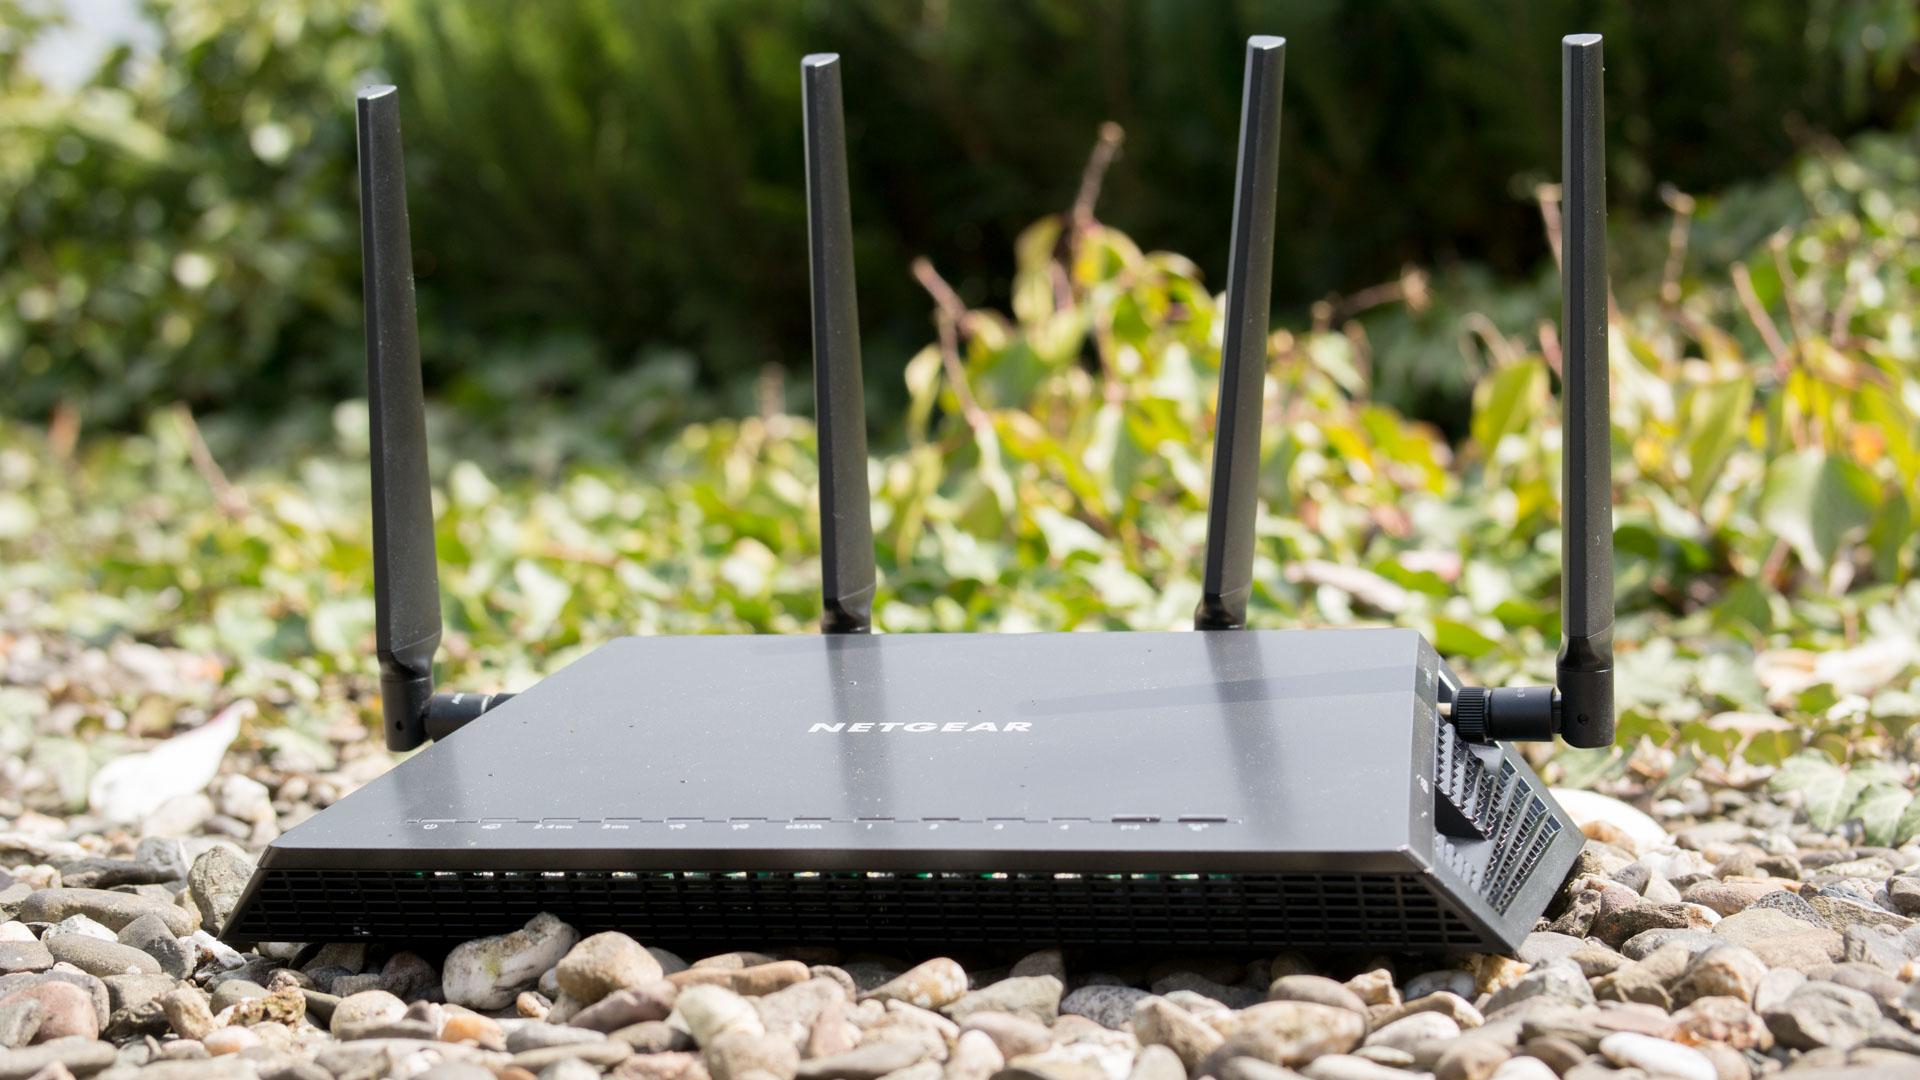 der netgear nighthawk r7800 x4s im test der schnellste wlan router bisher techtest. Black Bedroom Furniture Sets. Home Design Ideas